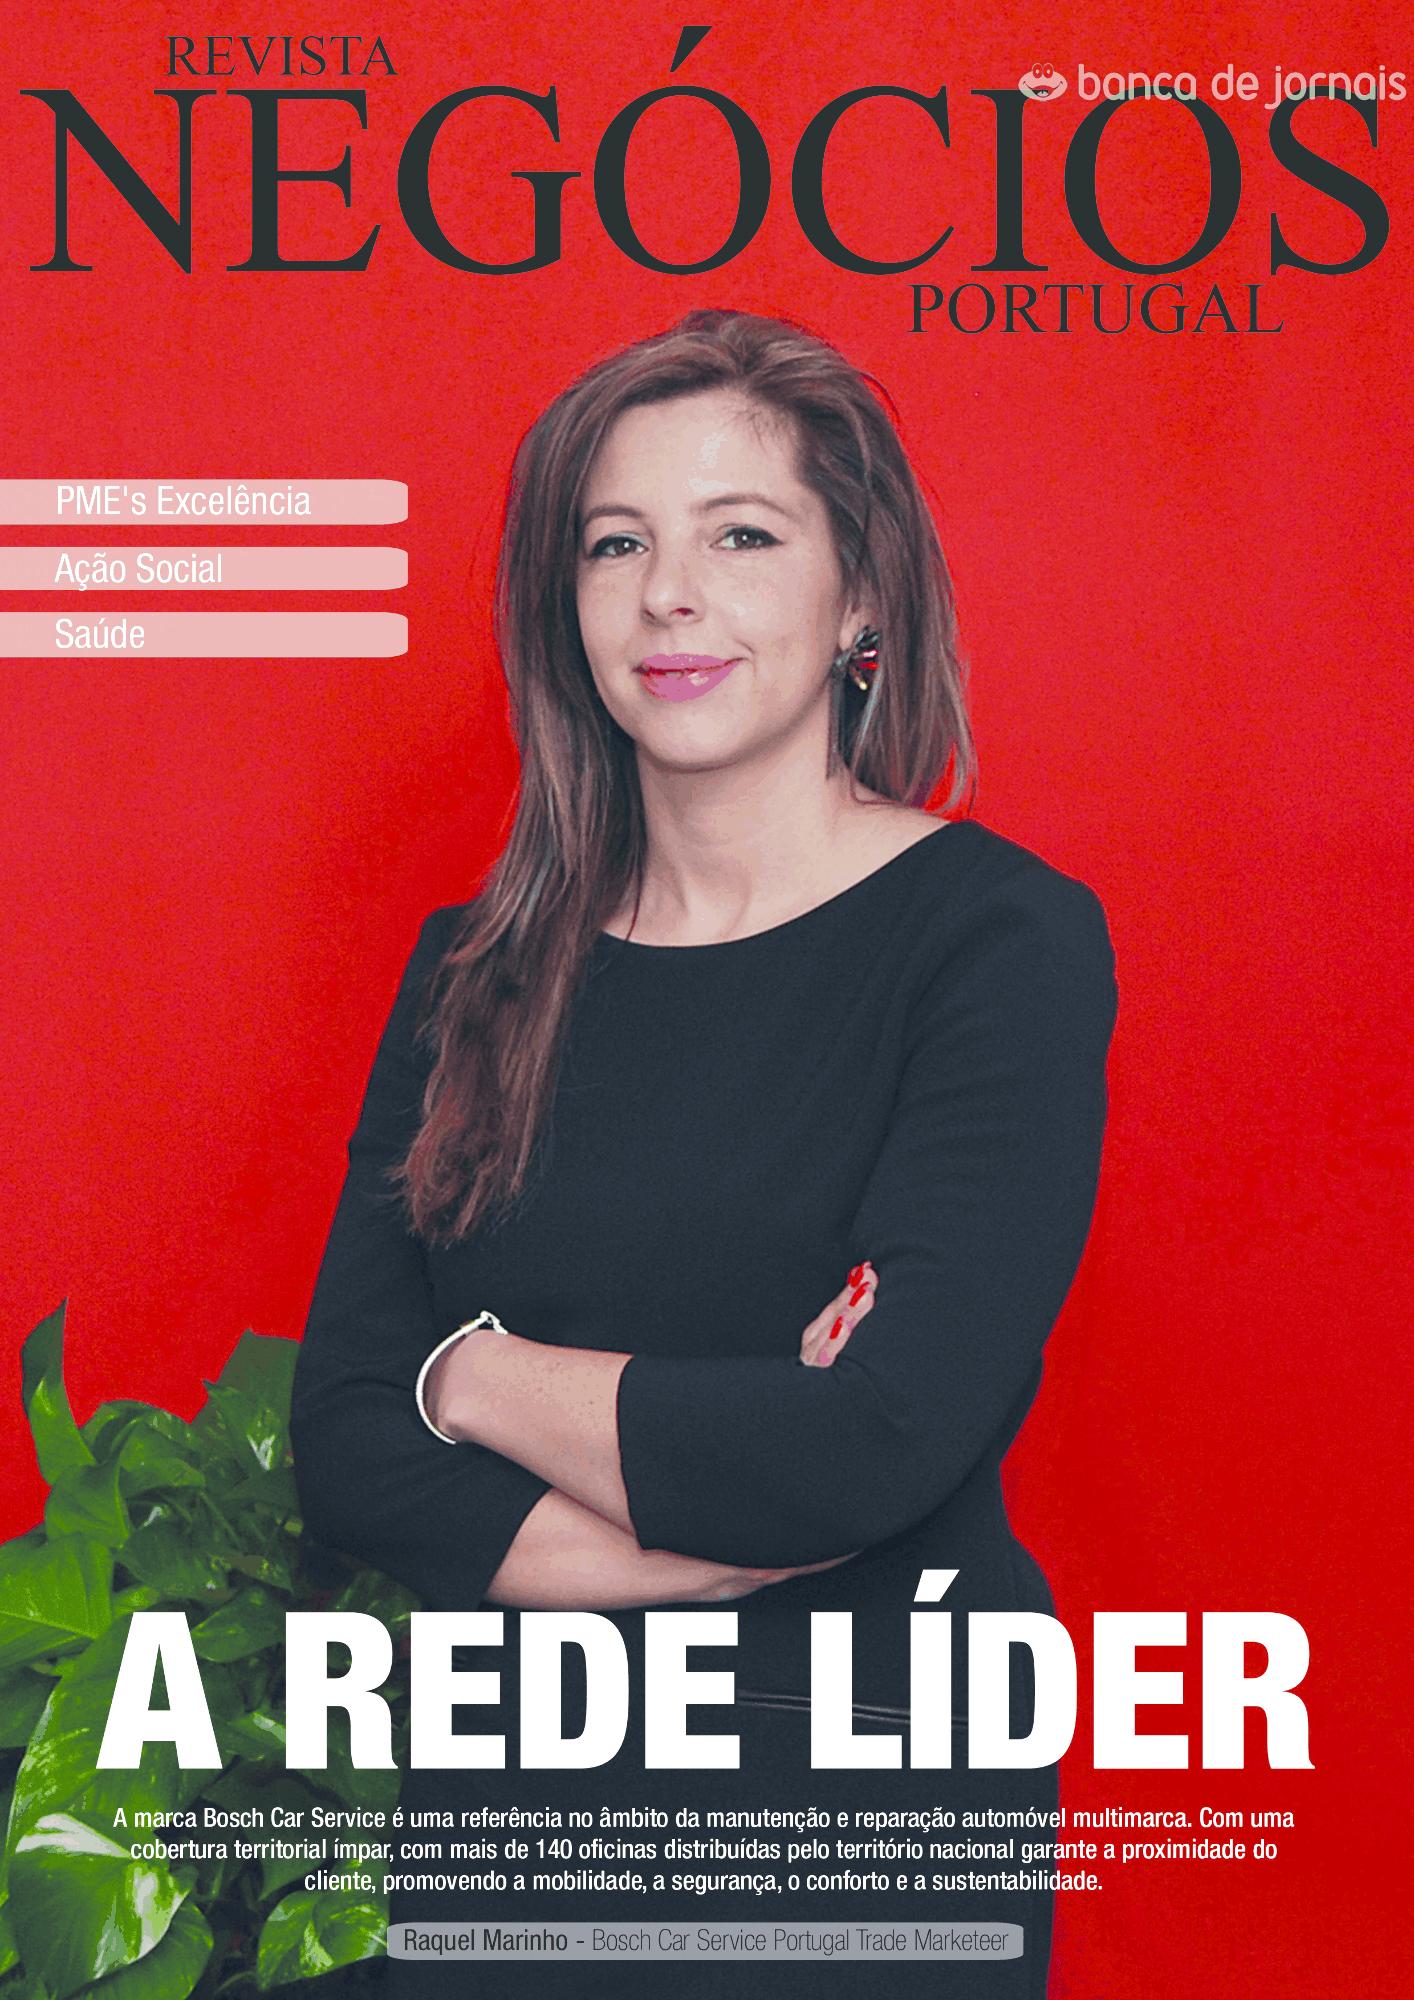 ea774f8d43 Revista Business Portugal (3 abr 2014) - Jornais e Revistas - SAPO 24